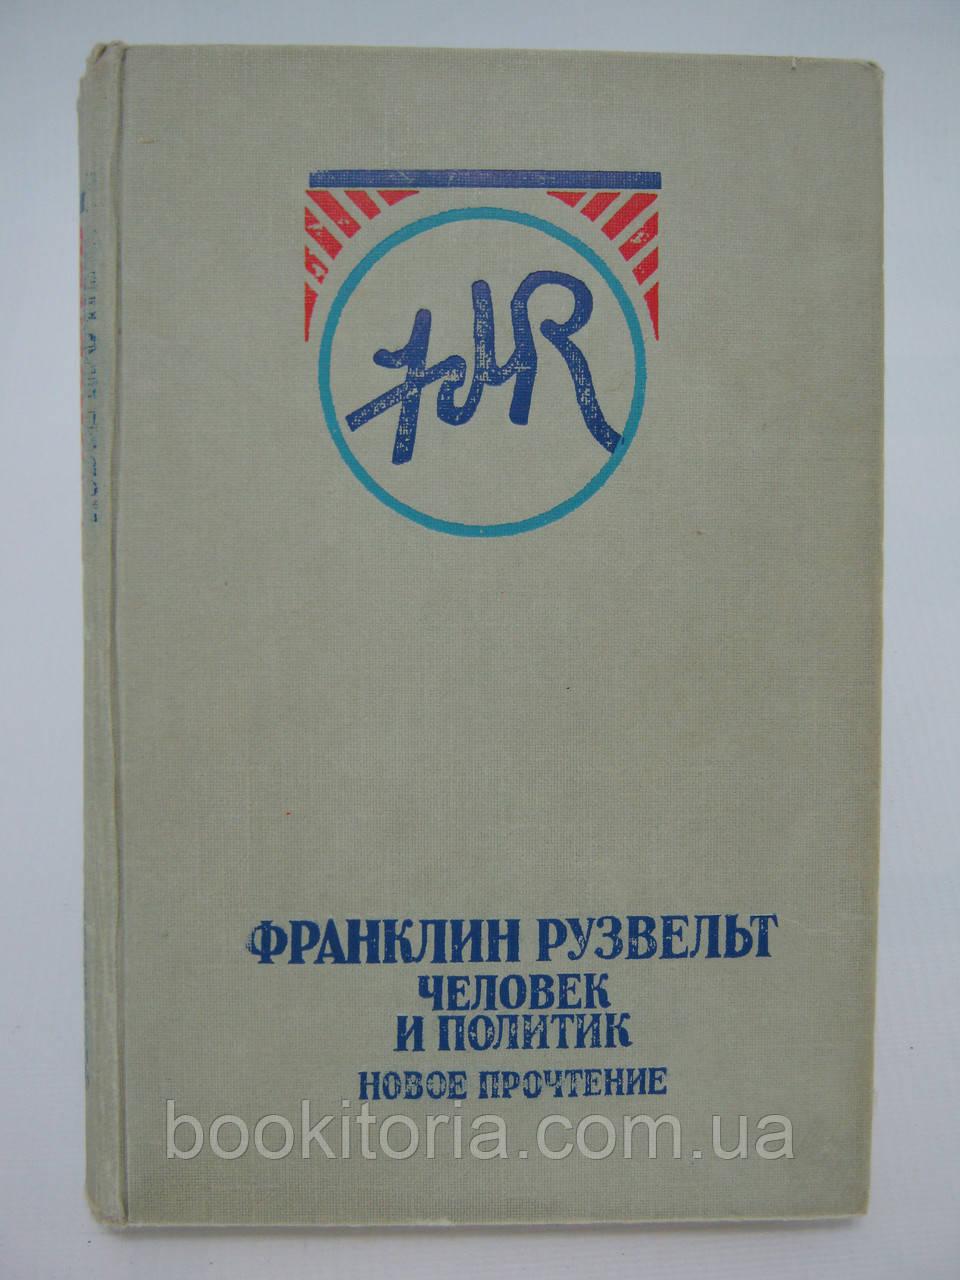 Яковлев Н.Н. Франклин Рузвельт: человек и политик. Новое прочтение (б/у).